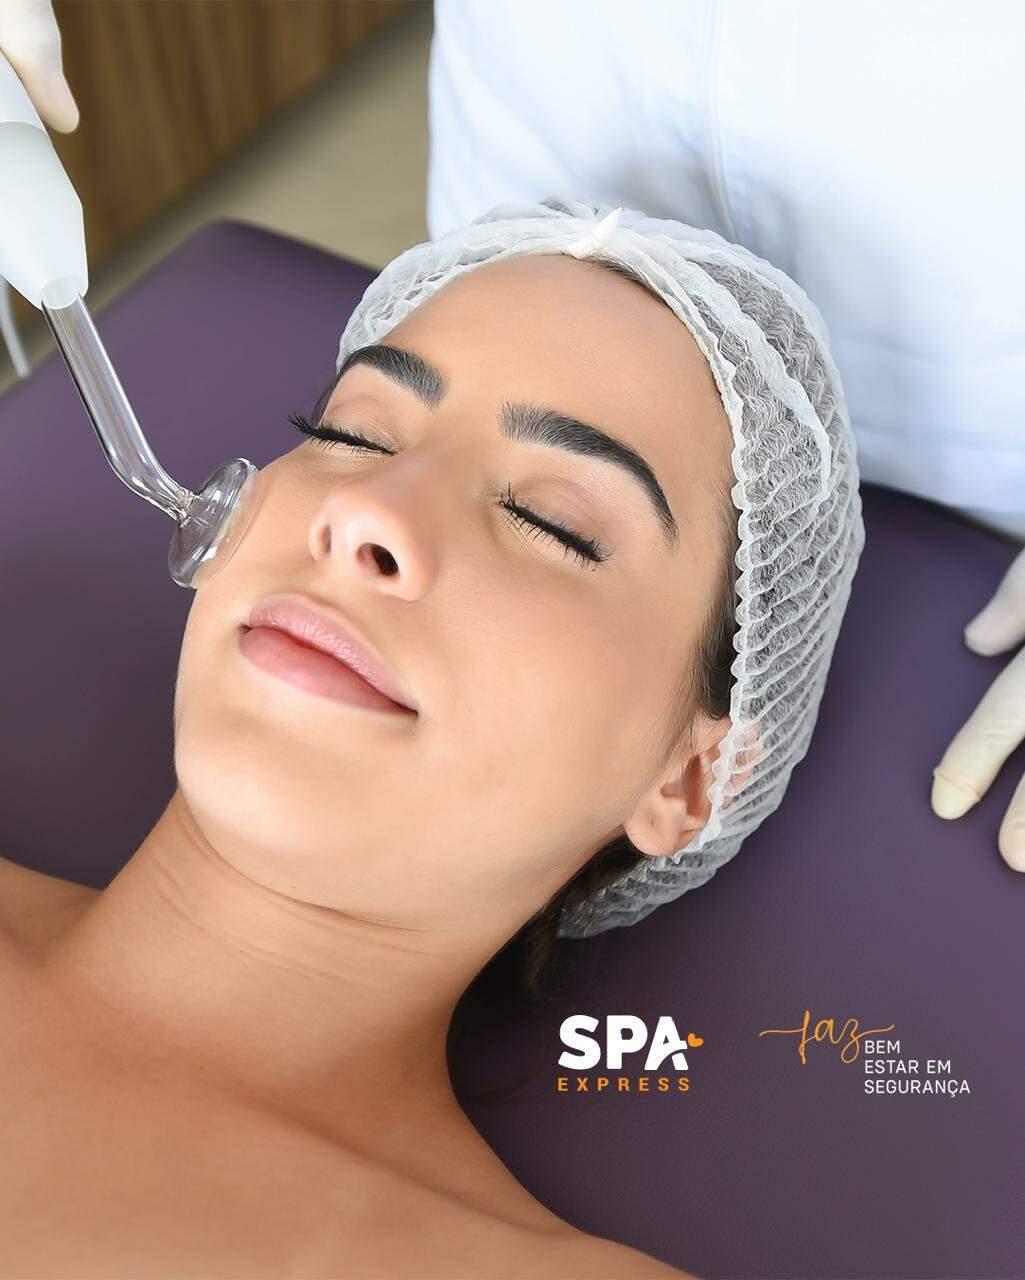 Spa Express leva o melhor em tratamentos faciais para sua casa. (Foto: Divulgação)